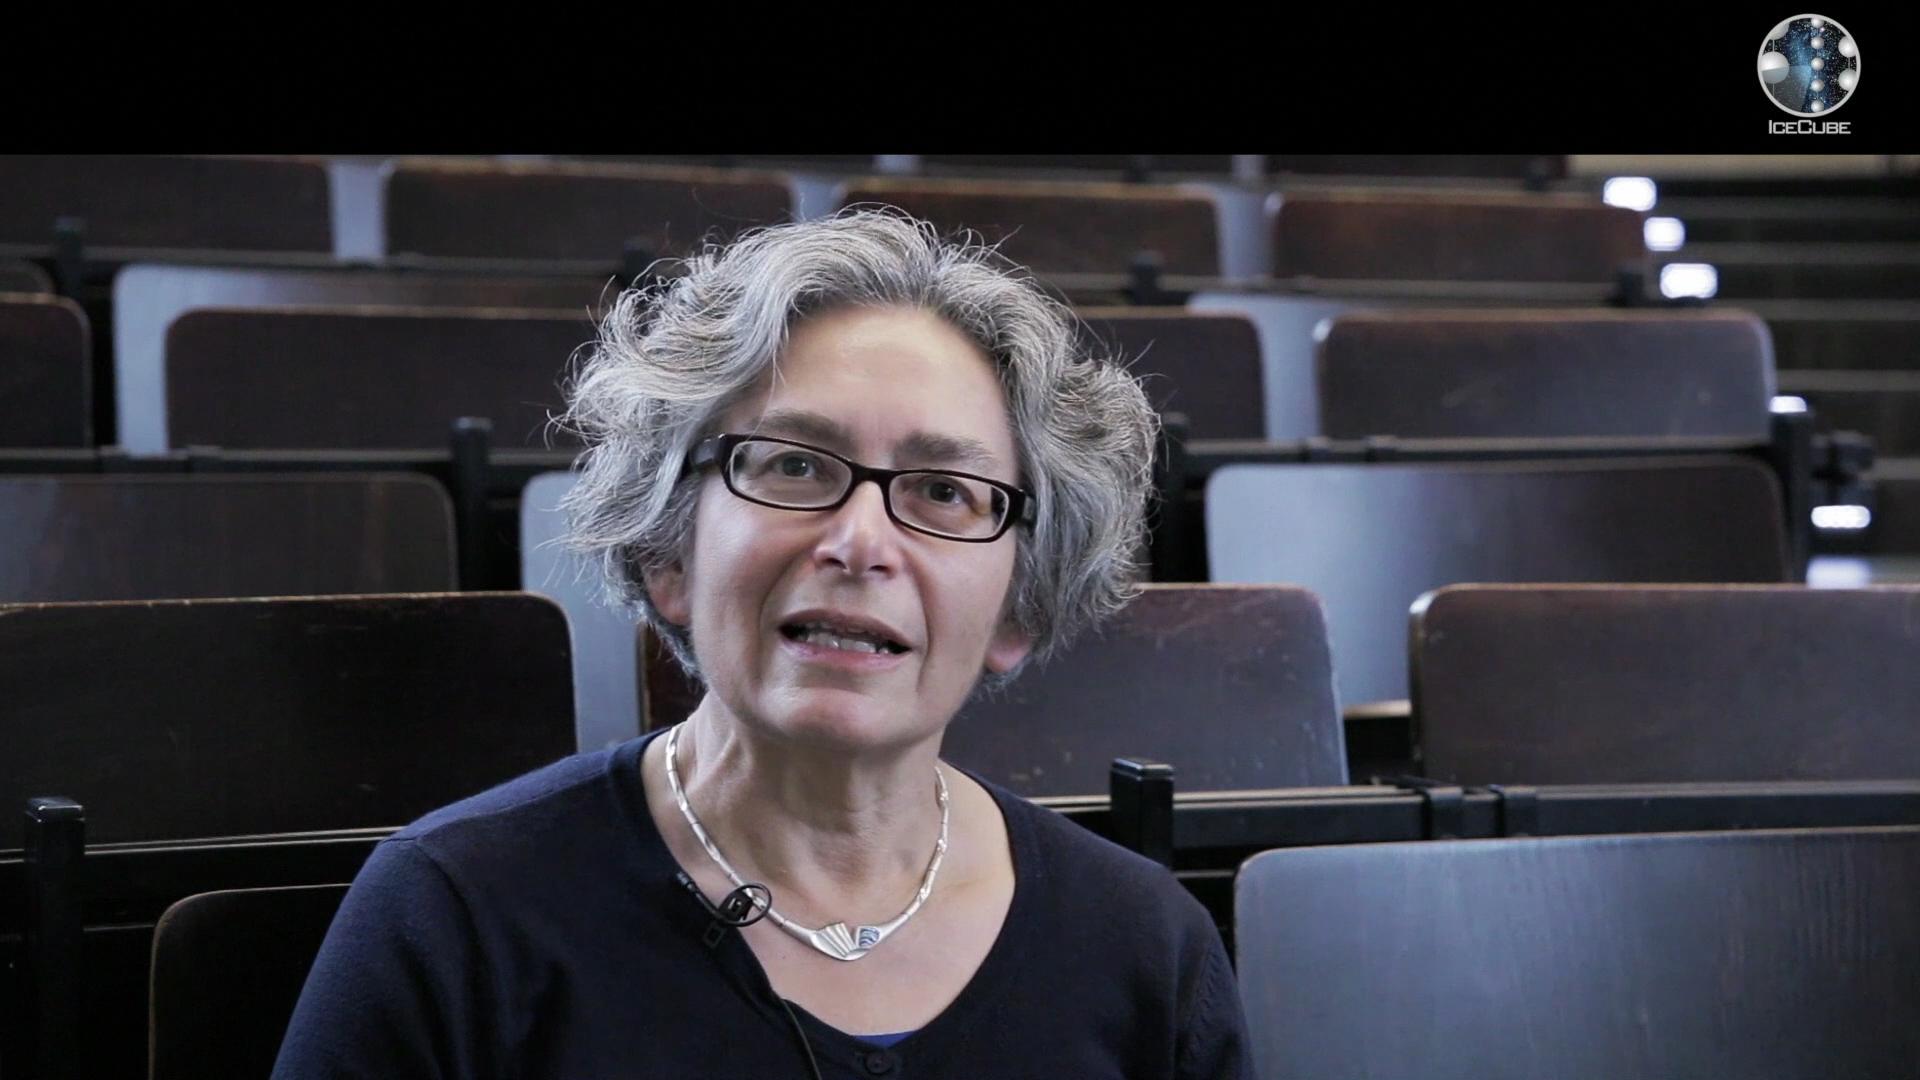 Olga Botner, IceCube Spokesperson, On the first evidence for astrophysical neutrinos from cosmic accelerators